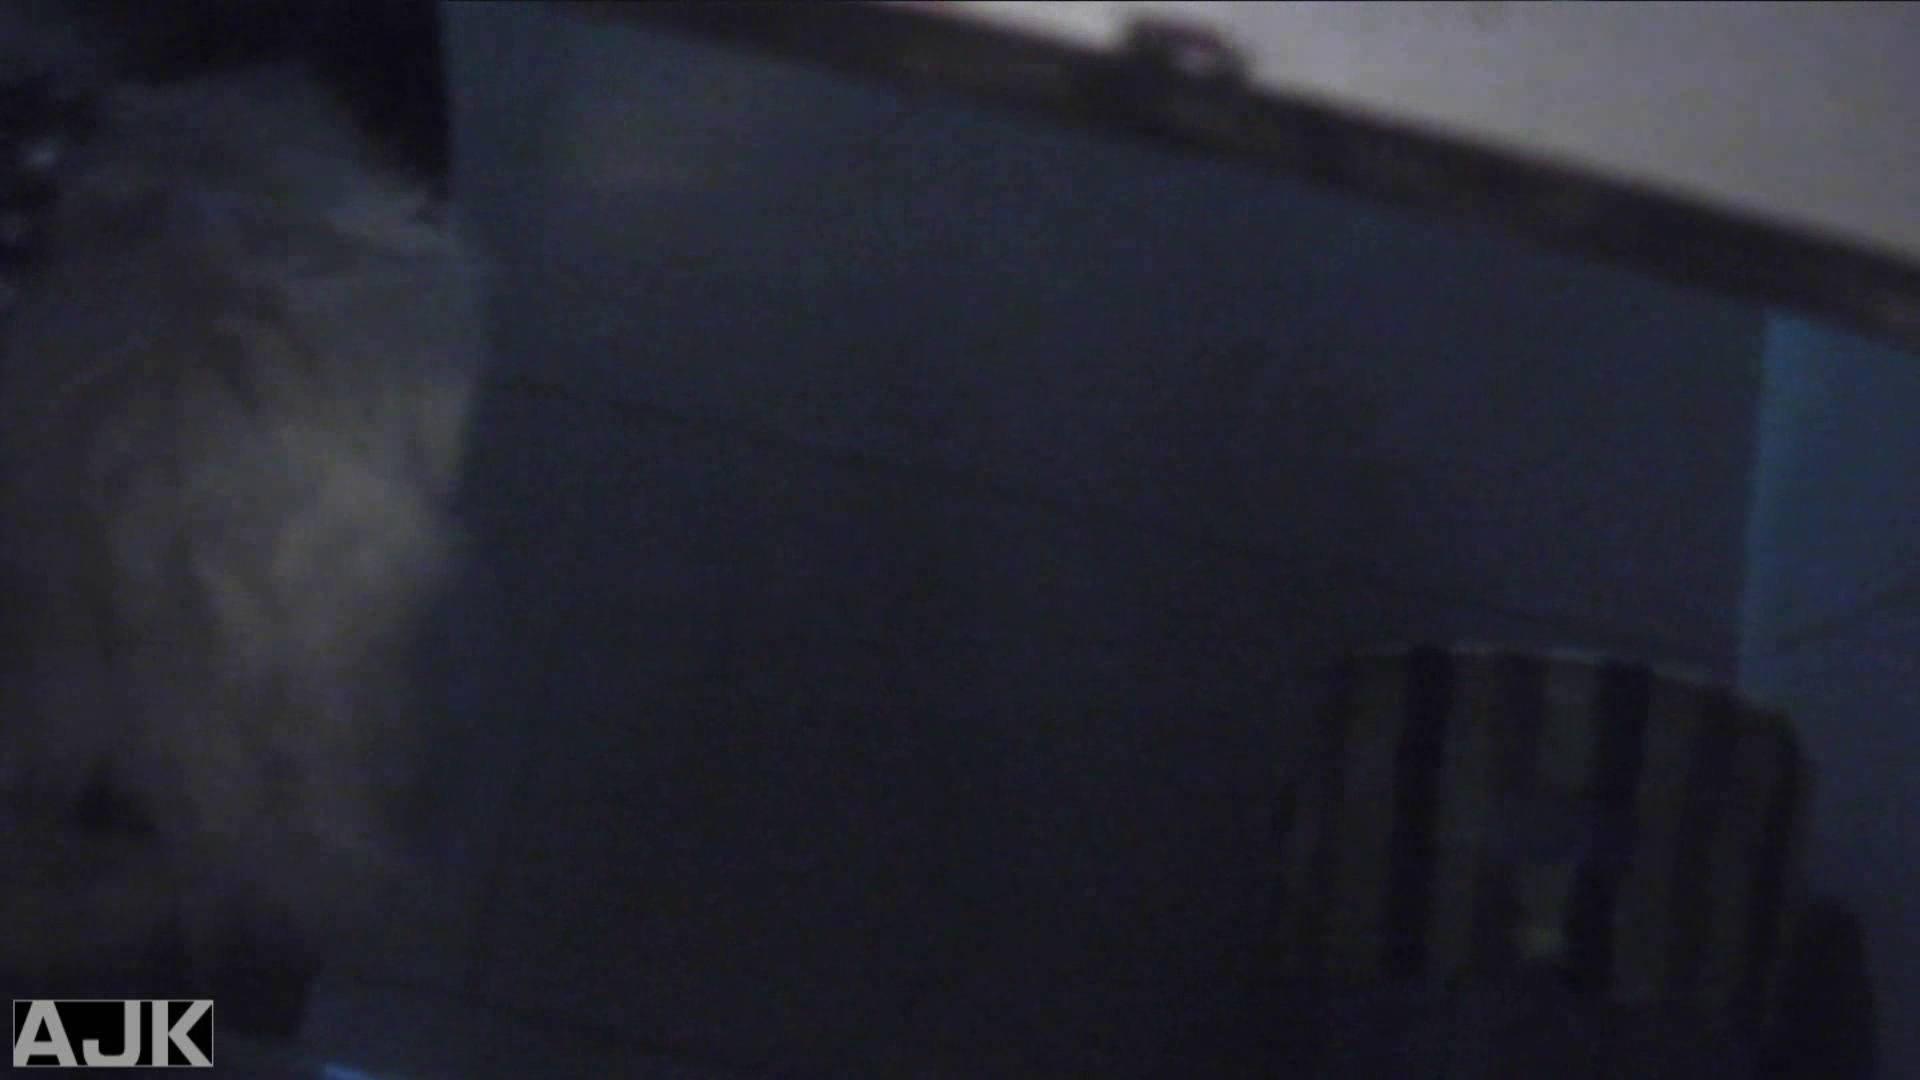 神降臨!史上最強の潜入かわや! vol.05 盗撮 オマンコ無修正動画無料 81画像 80